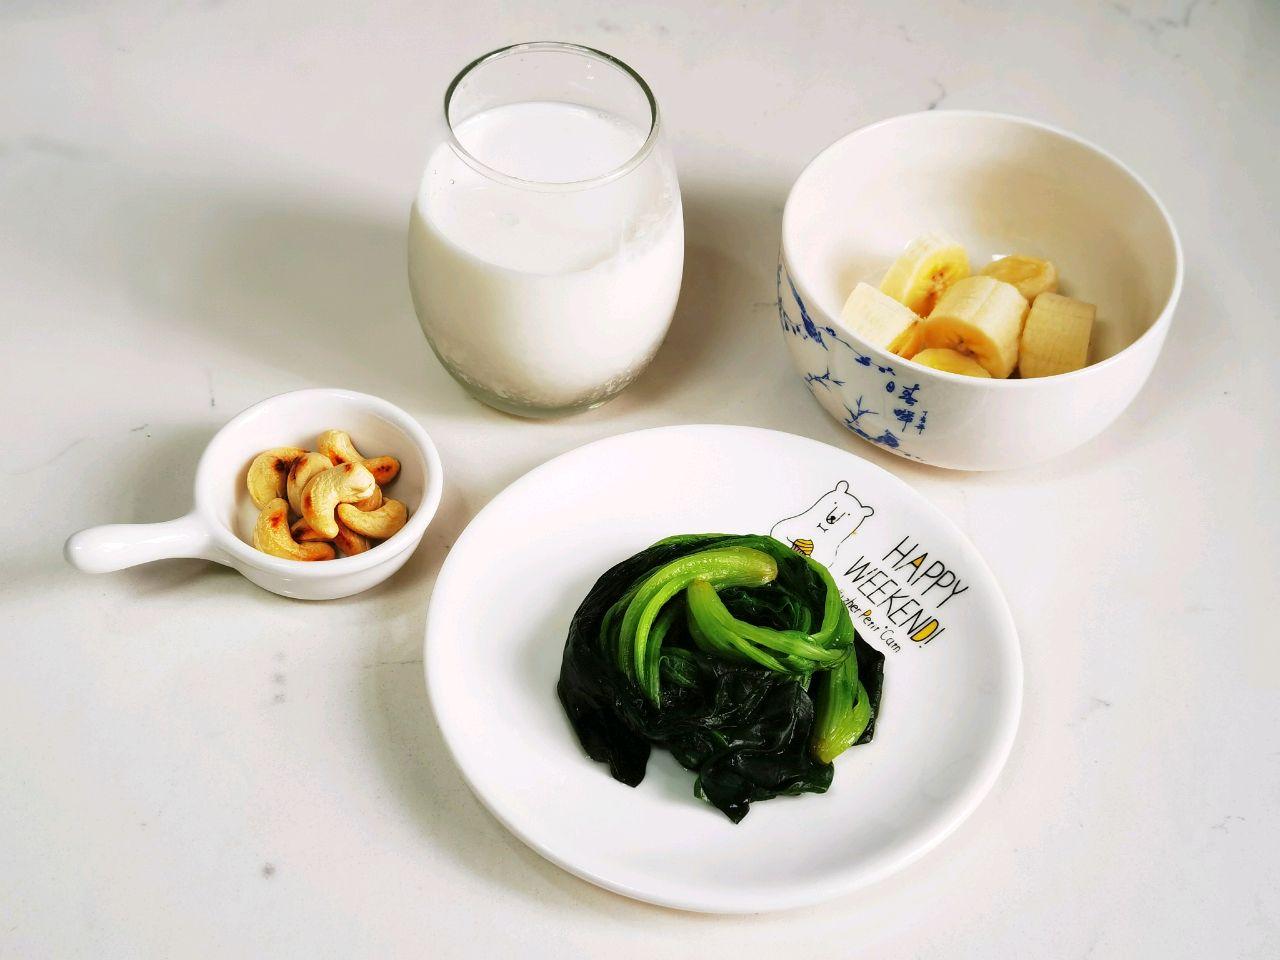 Sữa dinh dưỡng rau quả thức uống lý tưởng để giảm cân - Ảnh 2.